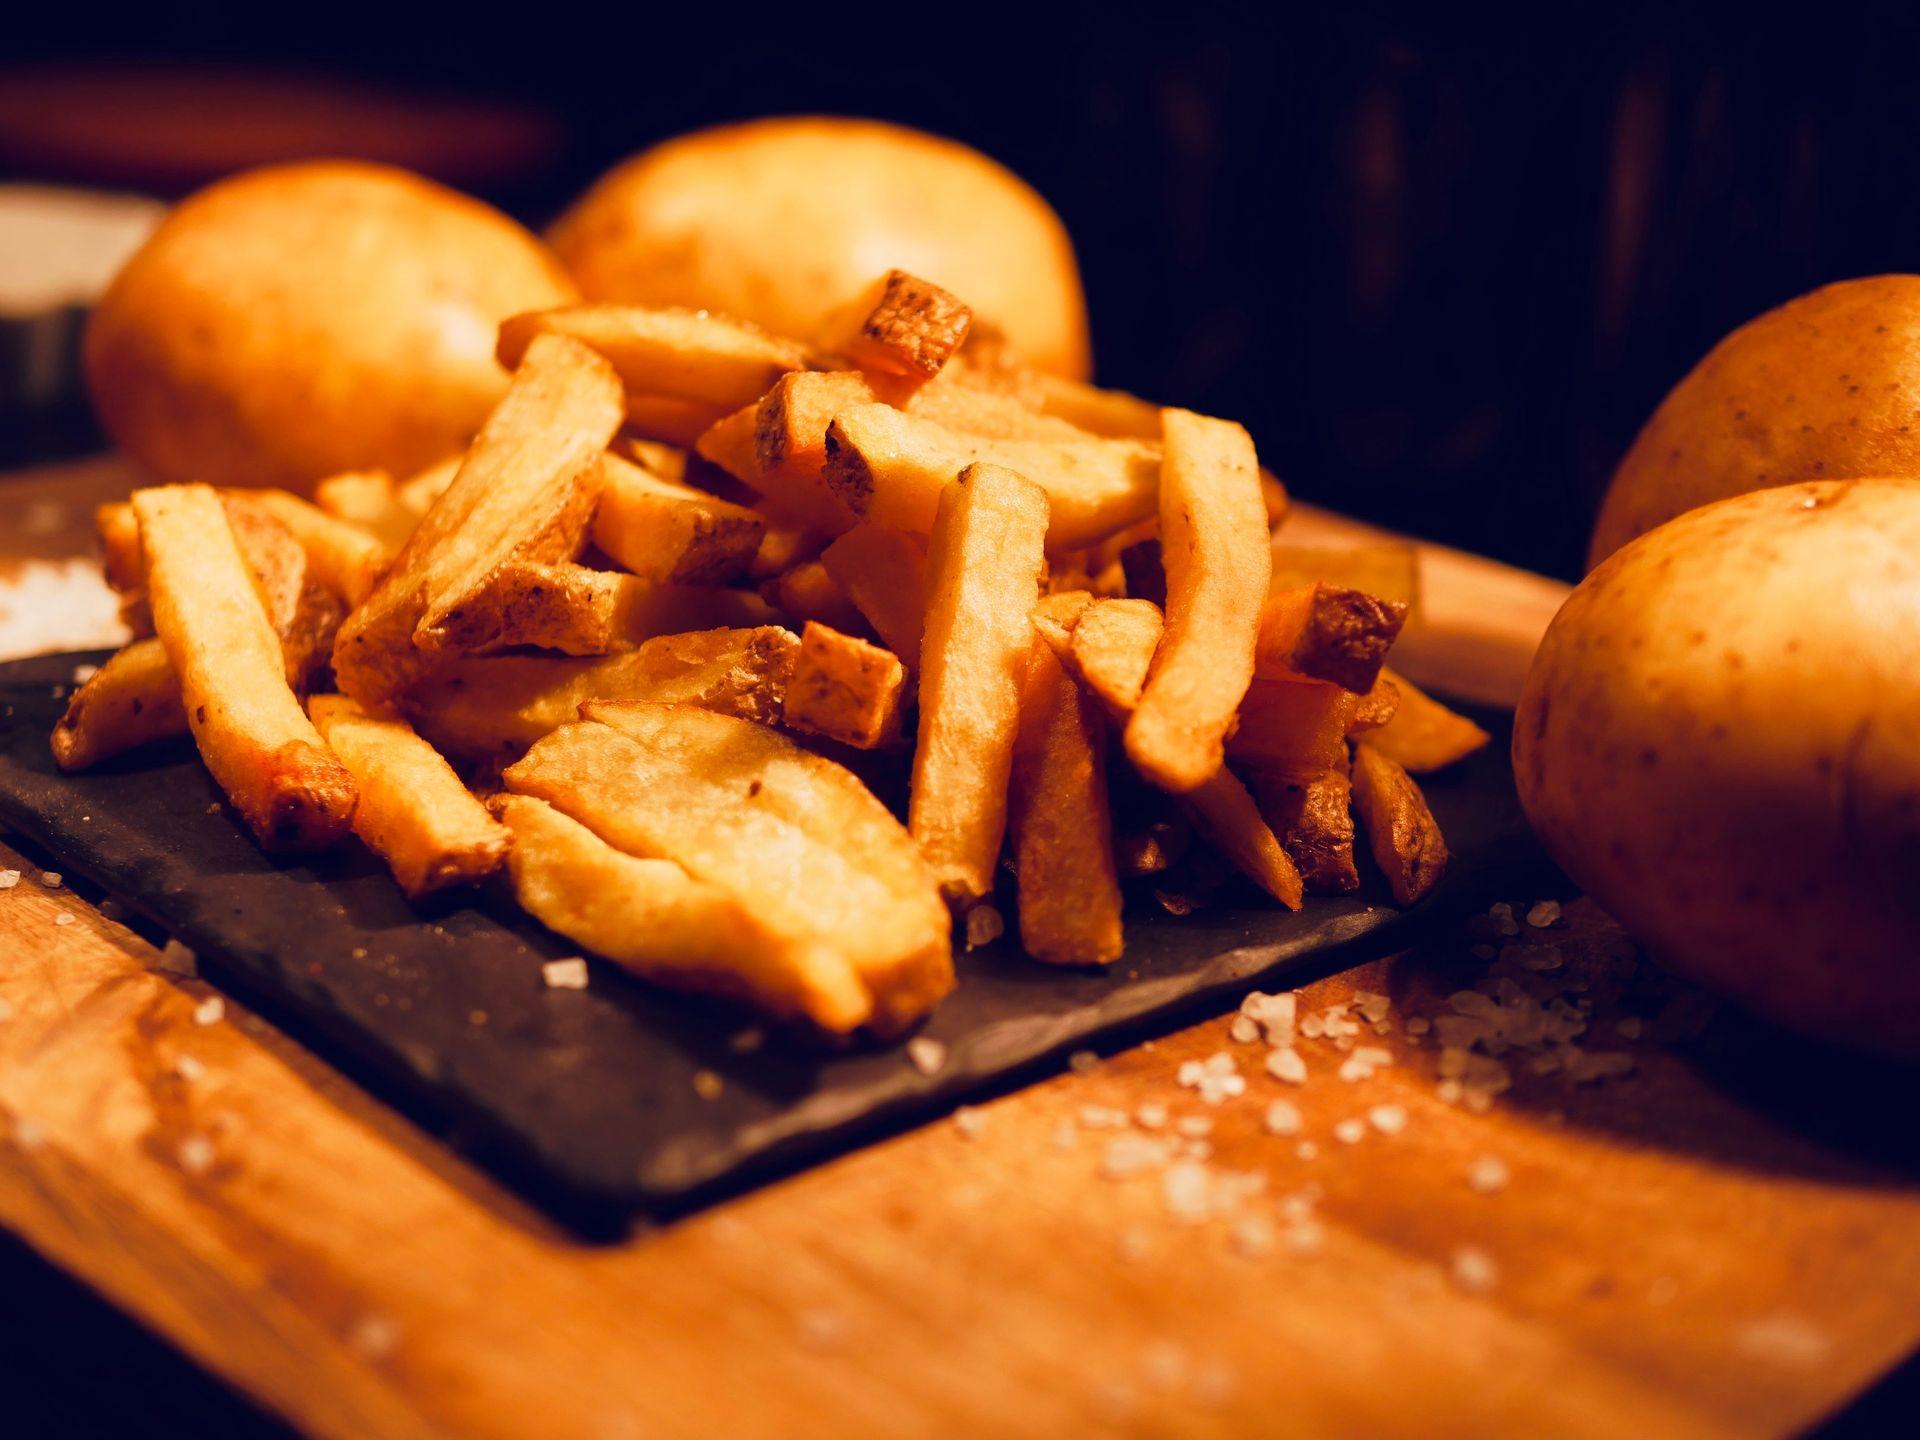 Bestellen in der Burgerbude by Enchilada!